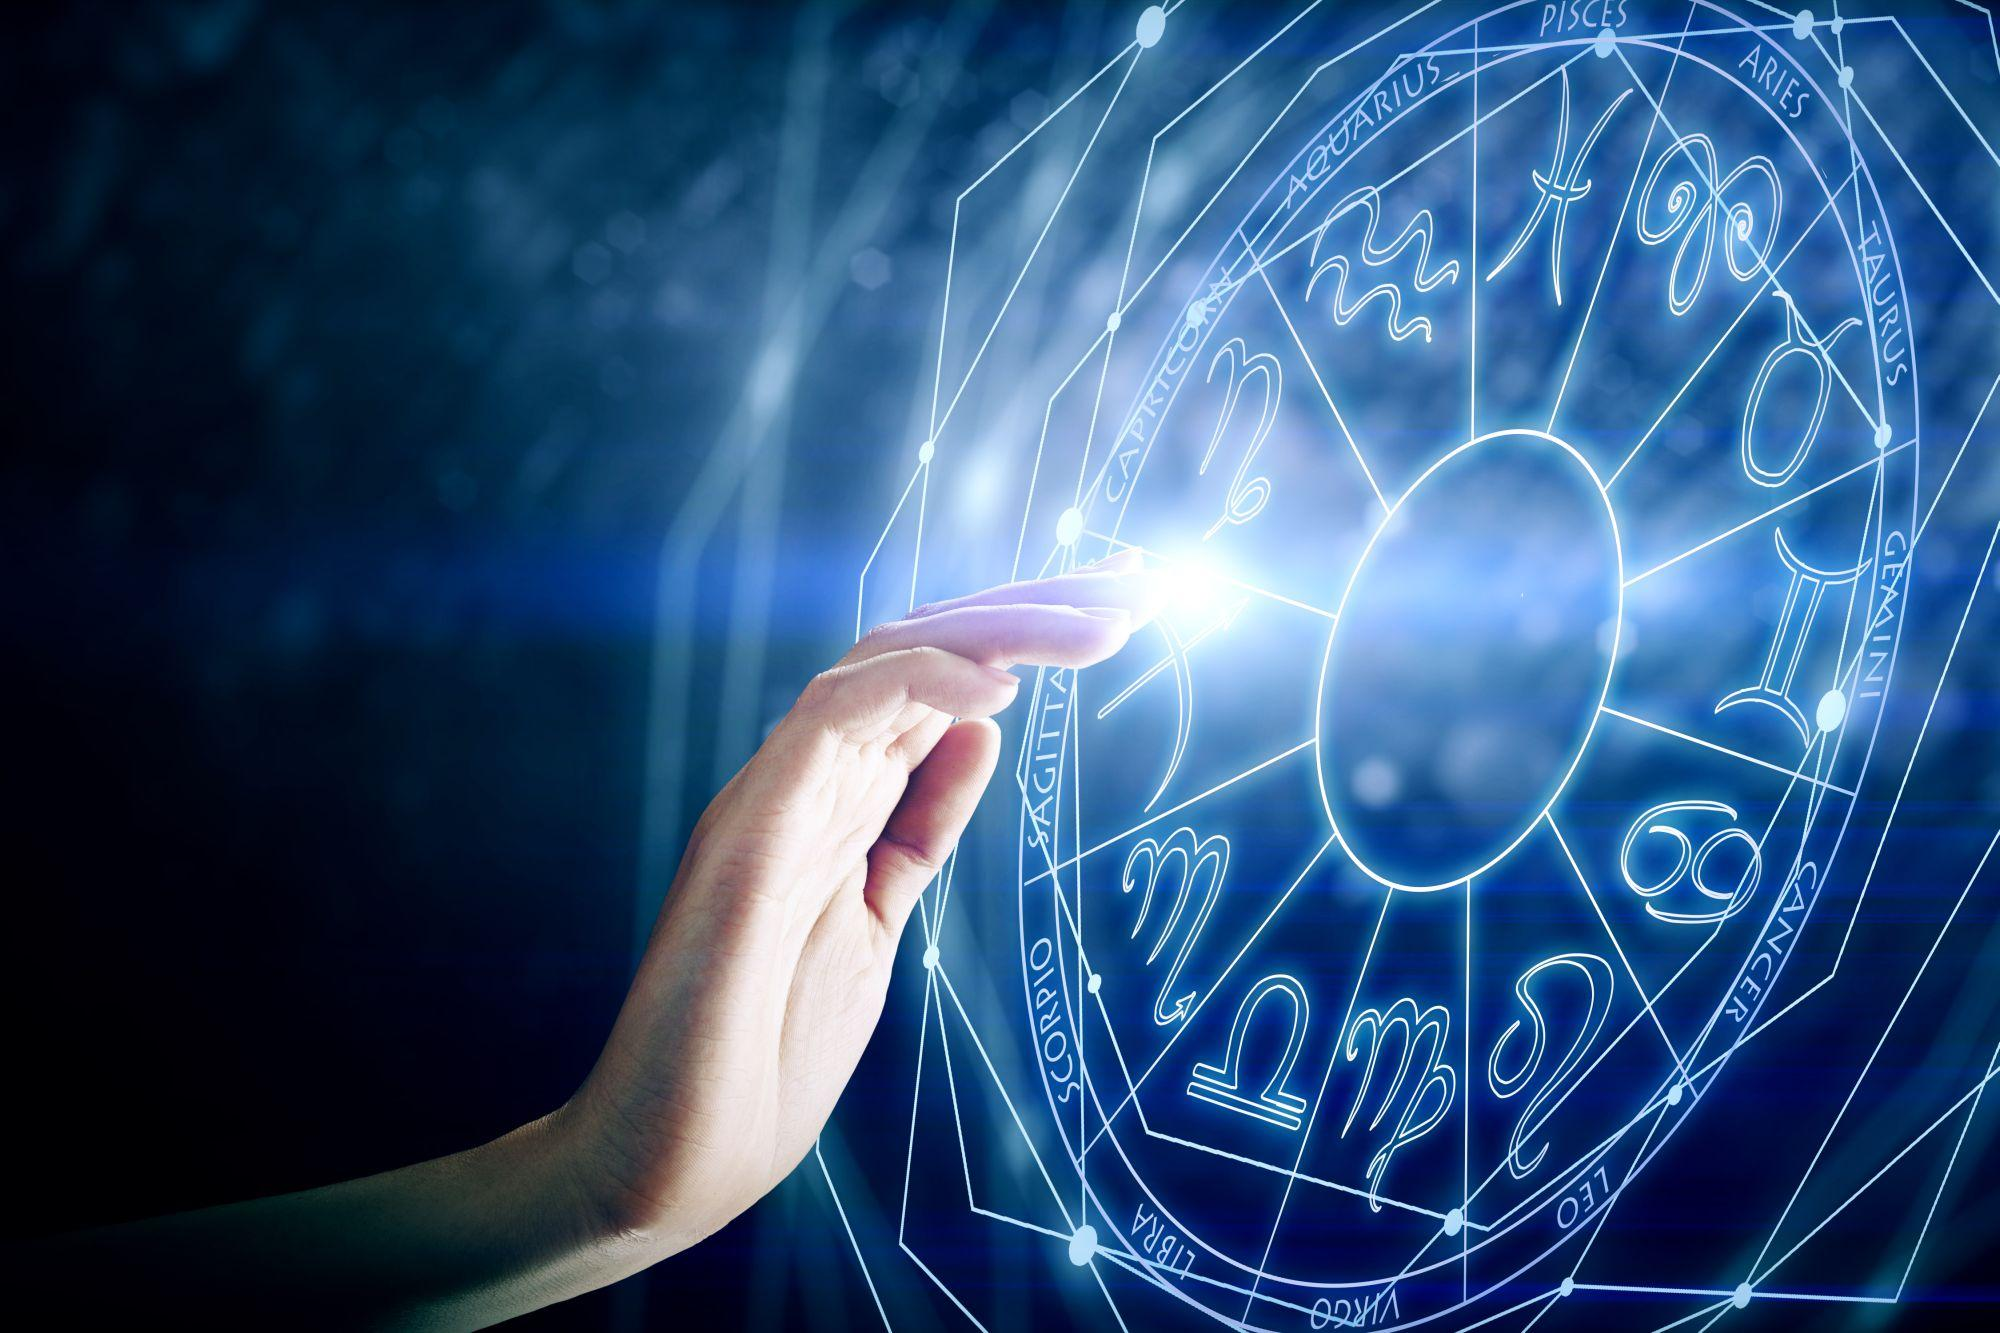 O mână şi cercul zodiilor, pe fundal albastru